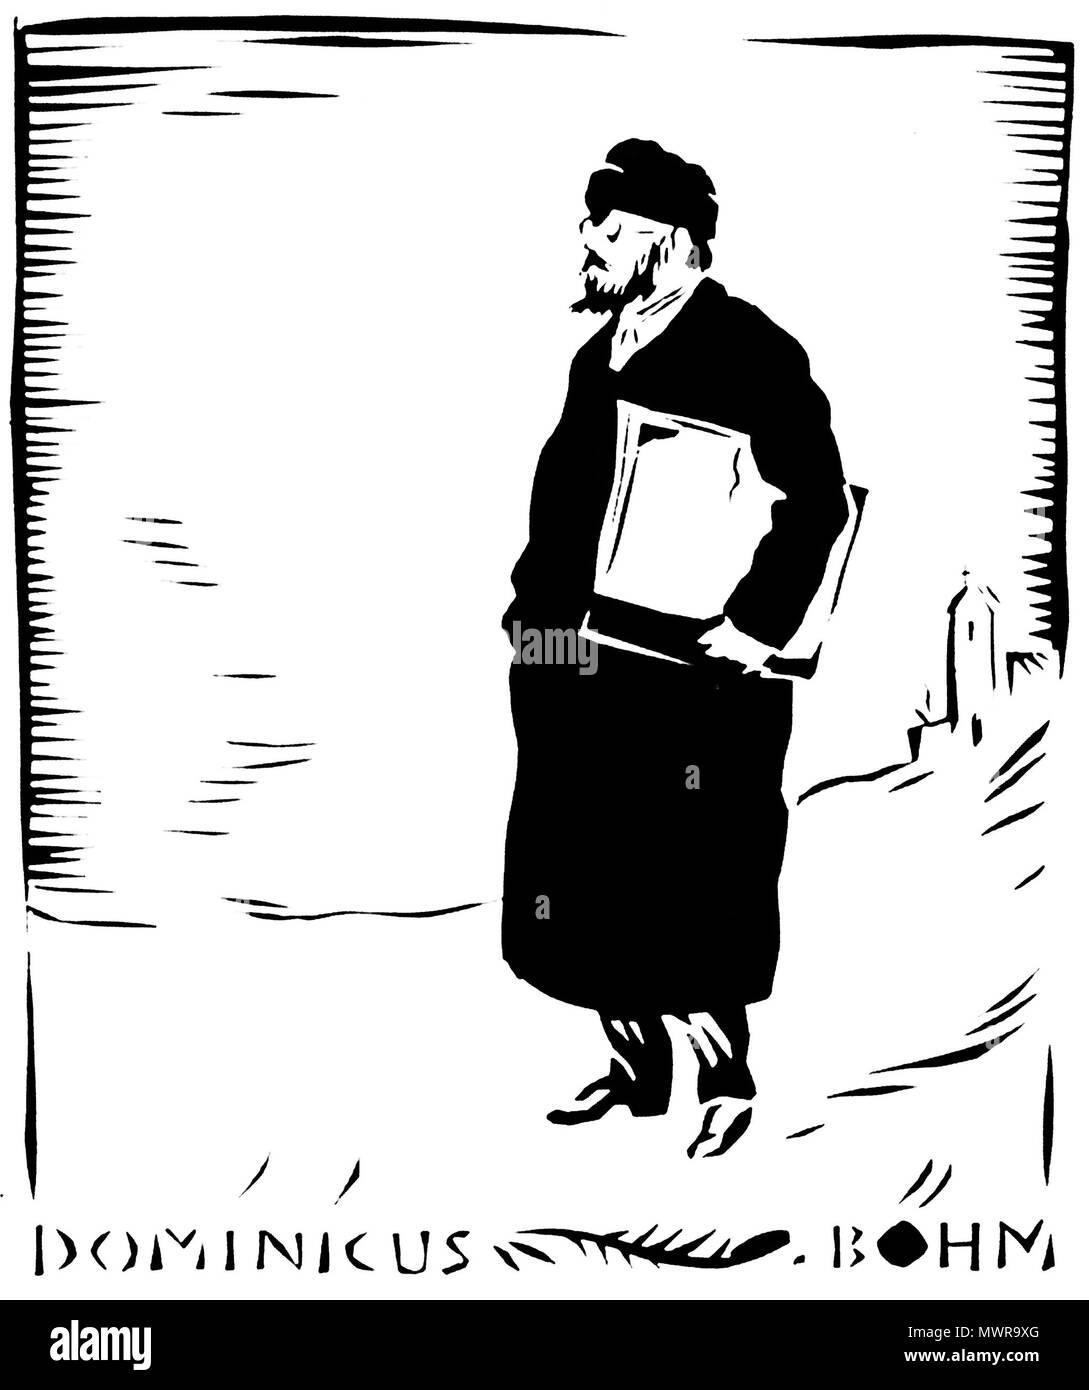 . Deutsch: Scherenschnitt des Architekten Dominikus Böhm, Künstler: Rudolf Koch . 1919. Rudolf Koch († 1934) 546 Scherenschnitt dominikus boehm by rudolf koch 1919 Stock Photo